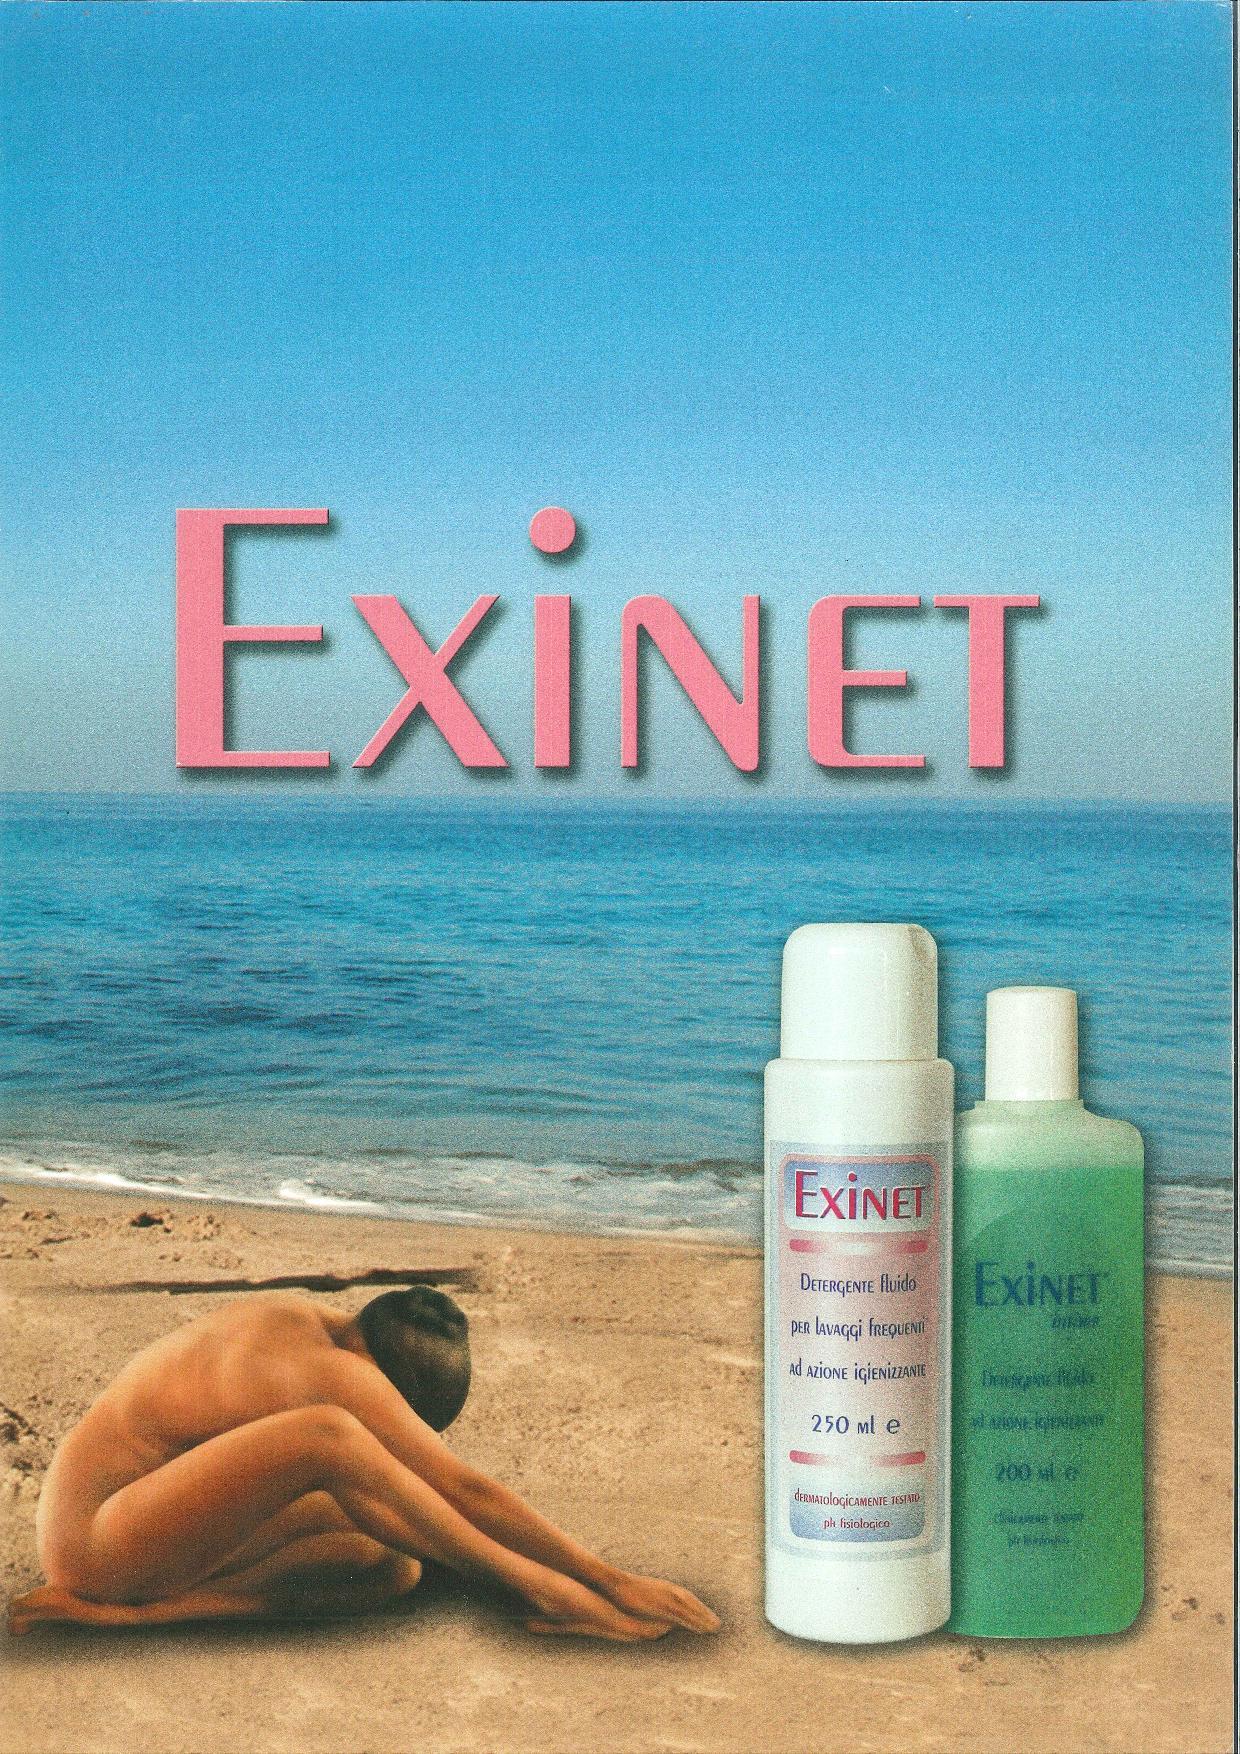 Exinet detergente liquido-page-001